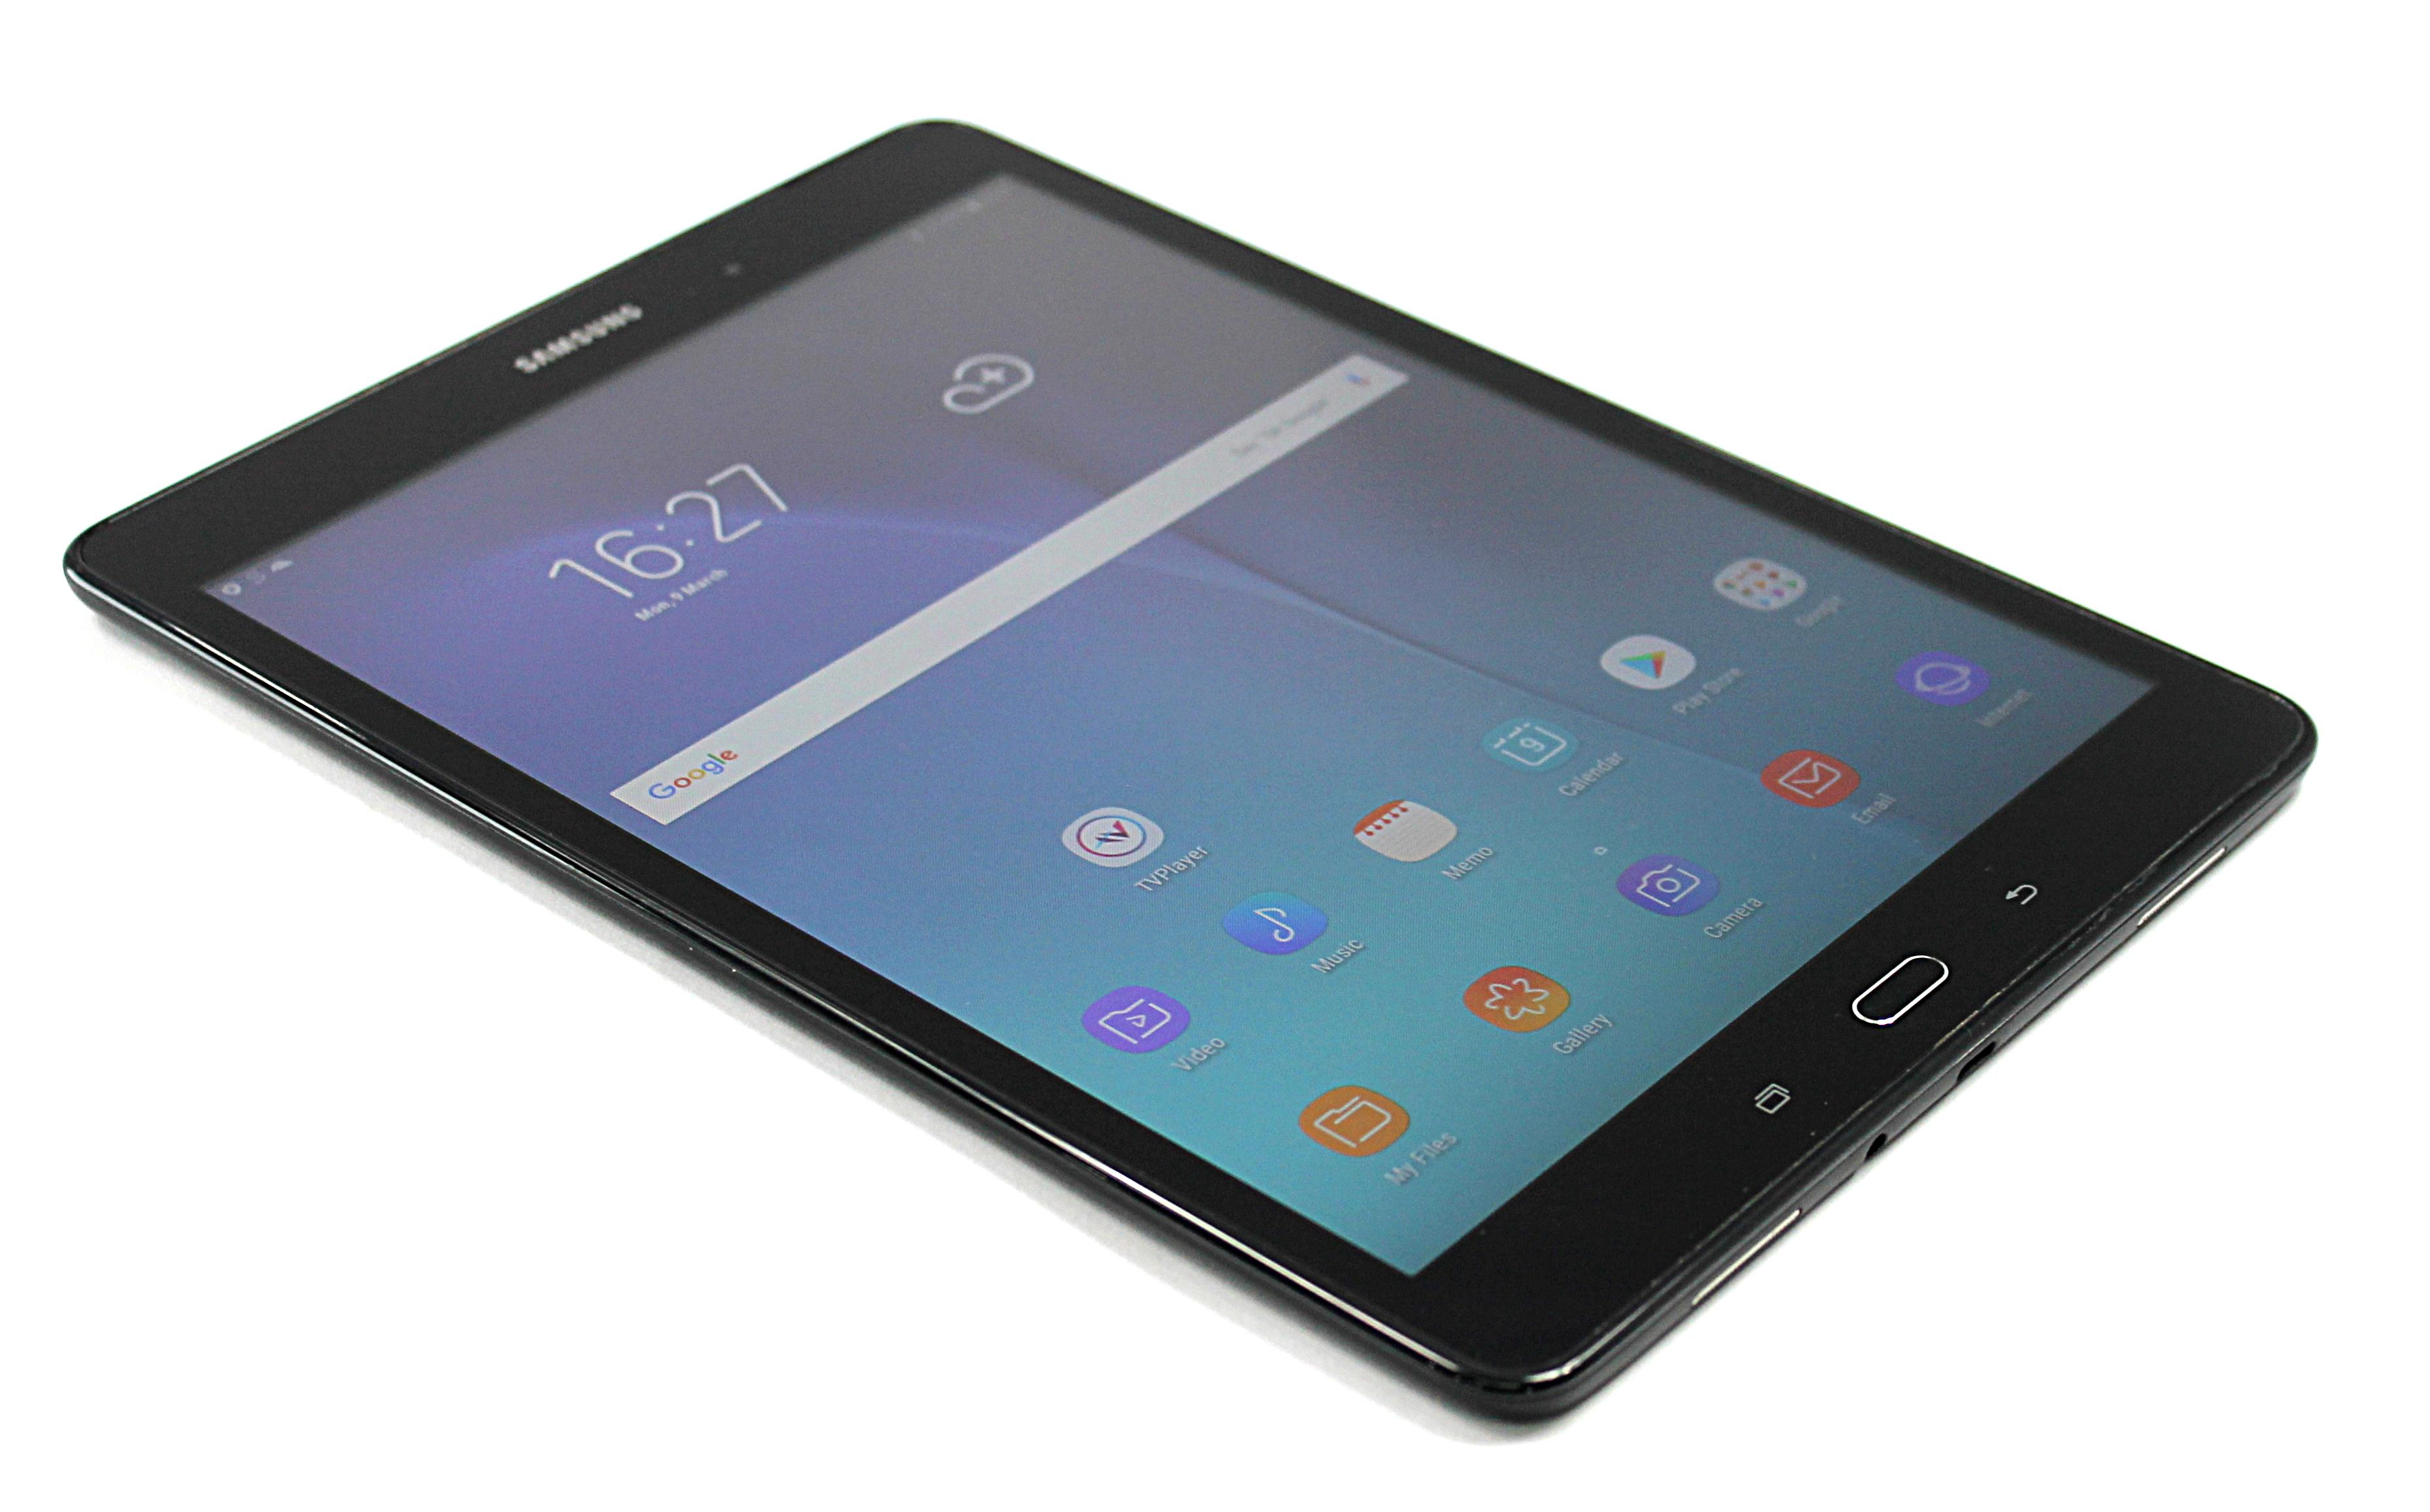 Samsung Galaxy Tab A 9.7 SM-T550 - 16GB / Sandy Black /Refurbished